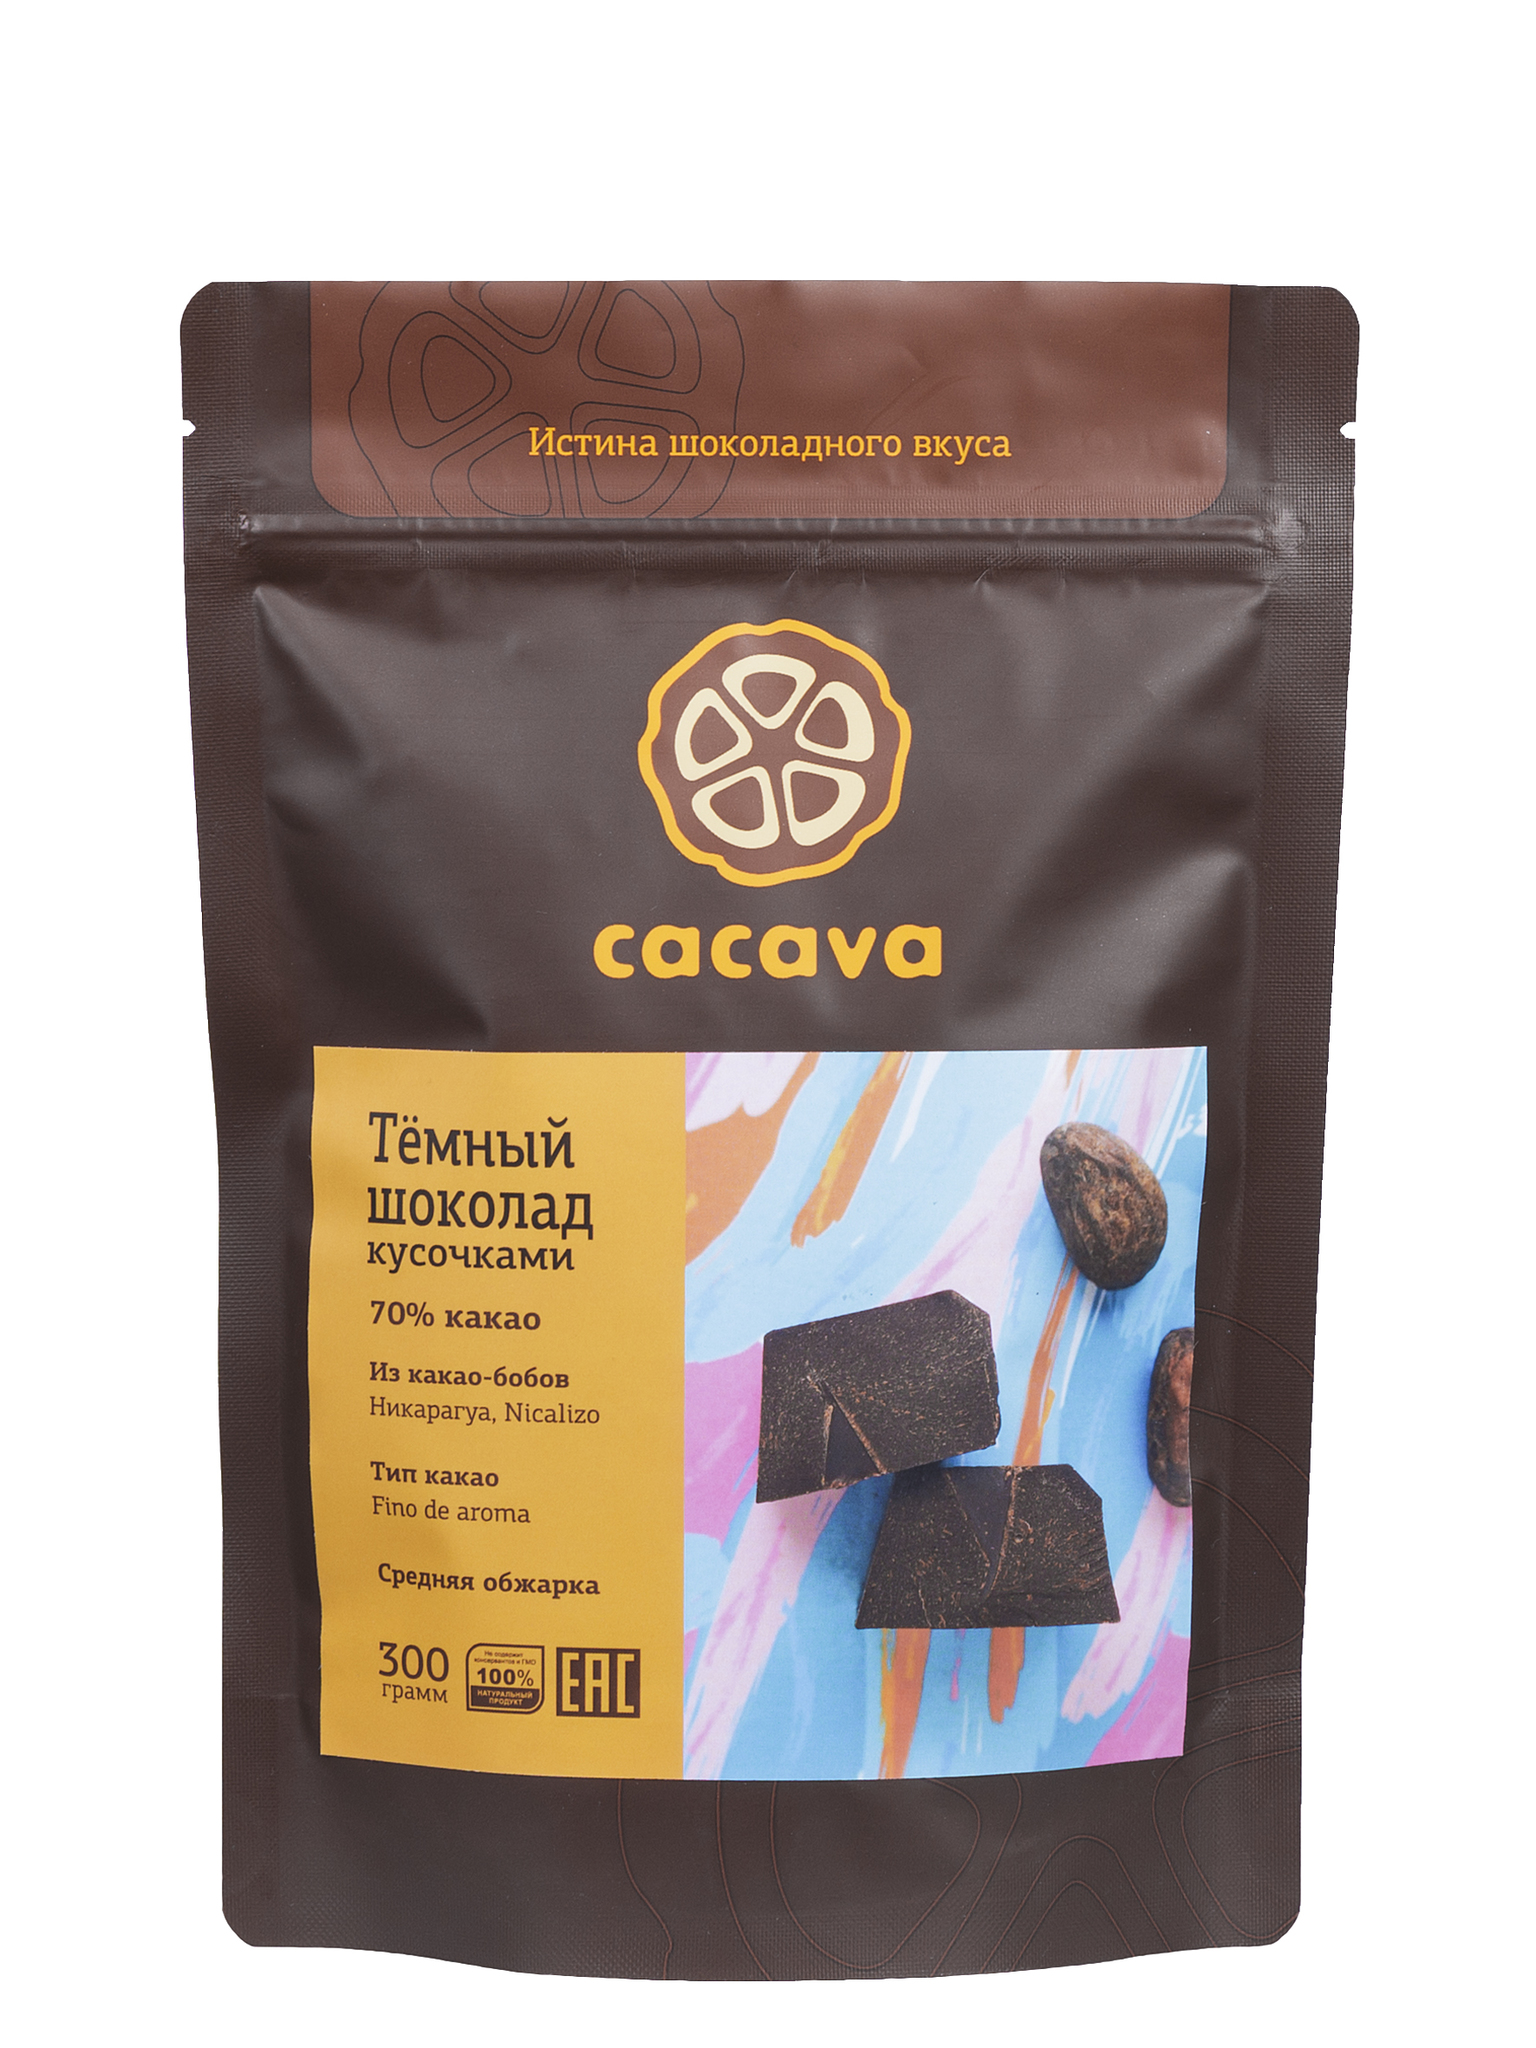 Тёмный шоколад 70 % какао (Никарагуа, Nicalizo), упаковка 300 грамм